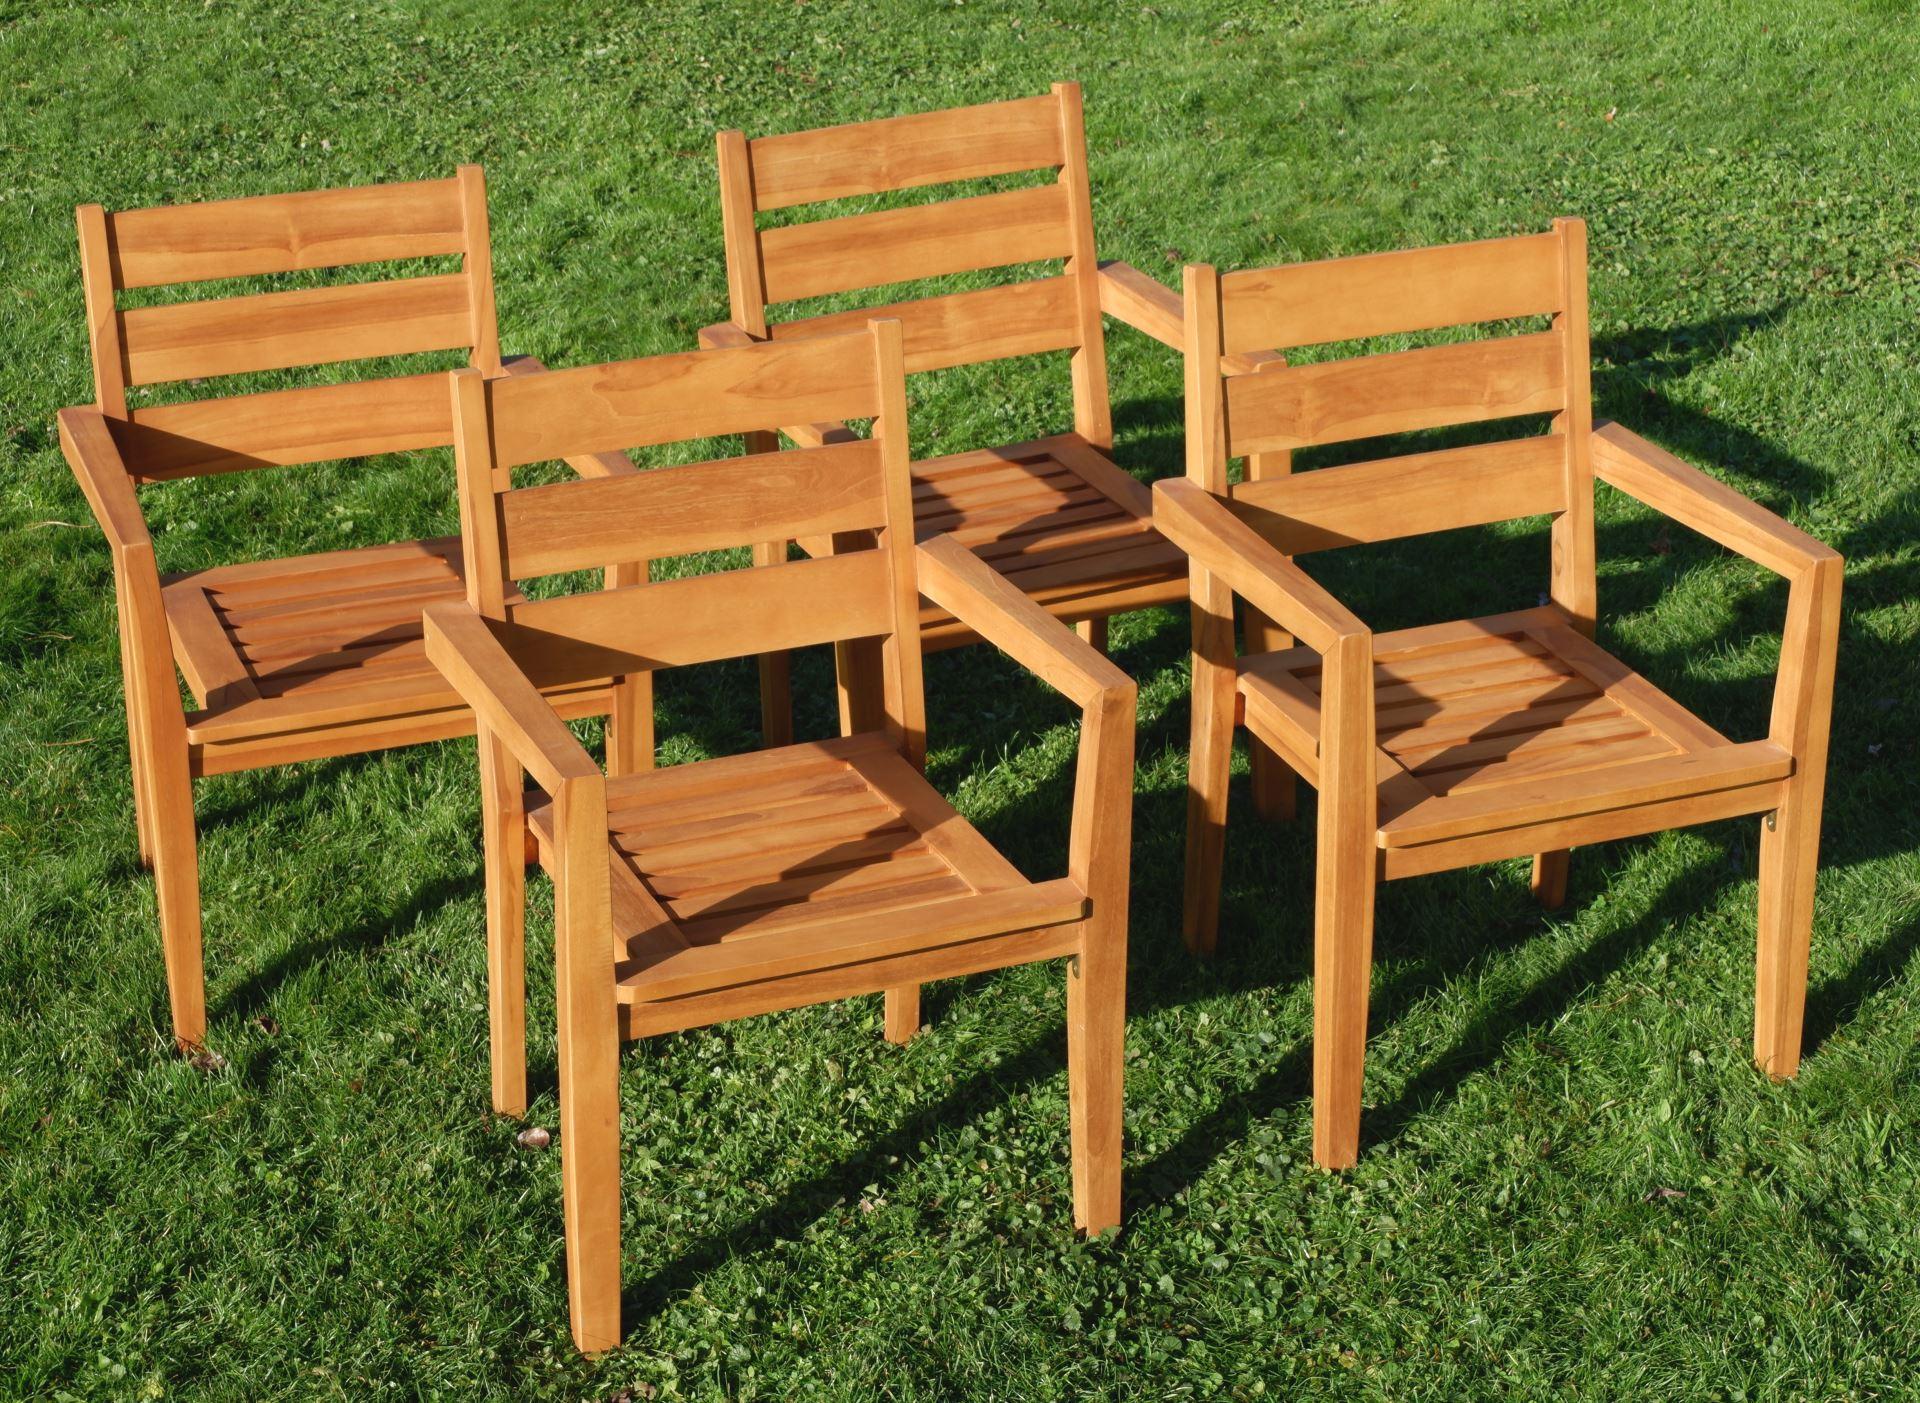 Gartenstühle holz stapelbar  4Stk ECHT TEAK Design Gartenstuhl Stapelstuhl JAV-KINGSTON ...